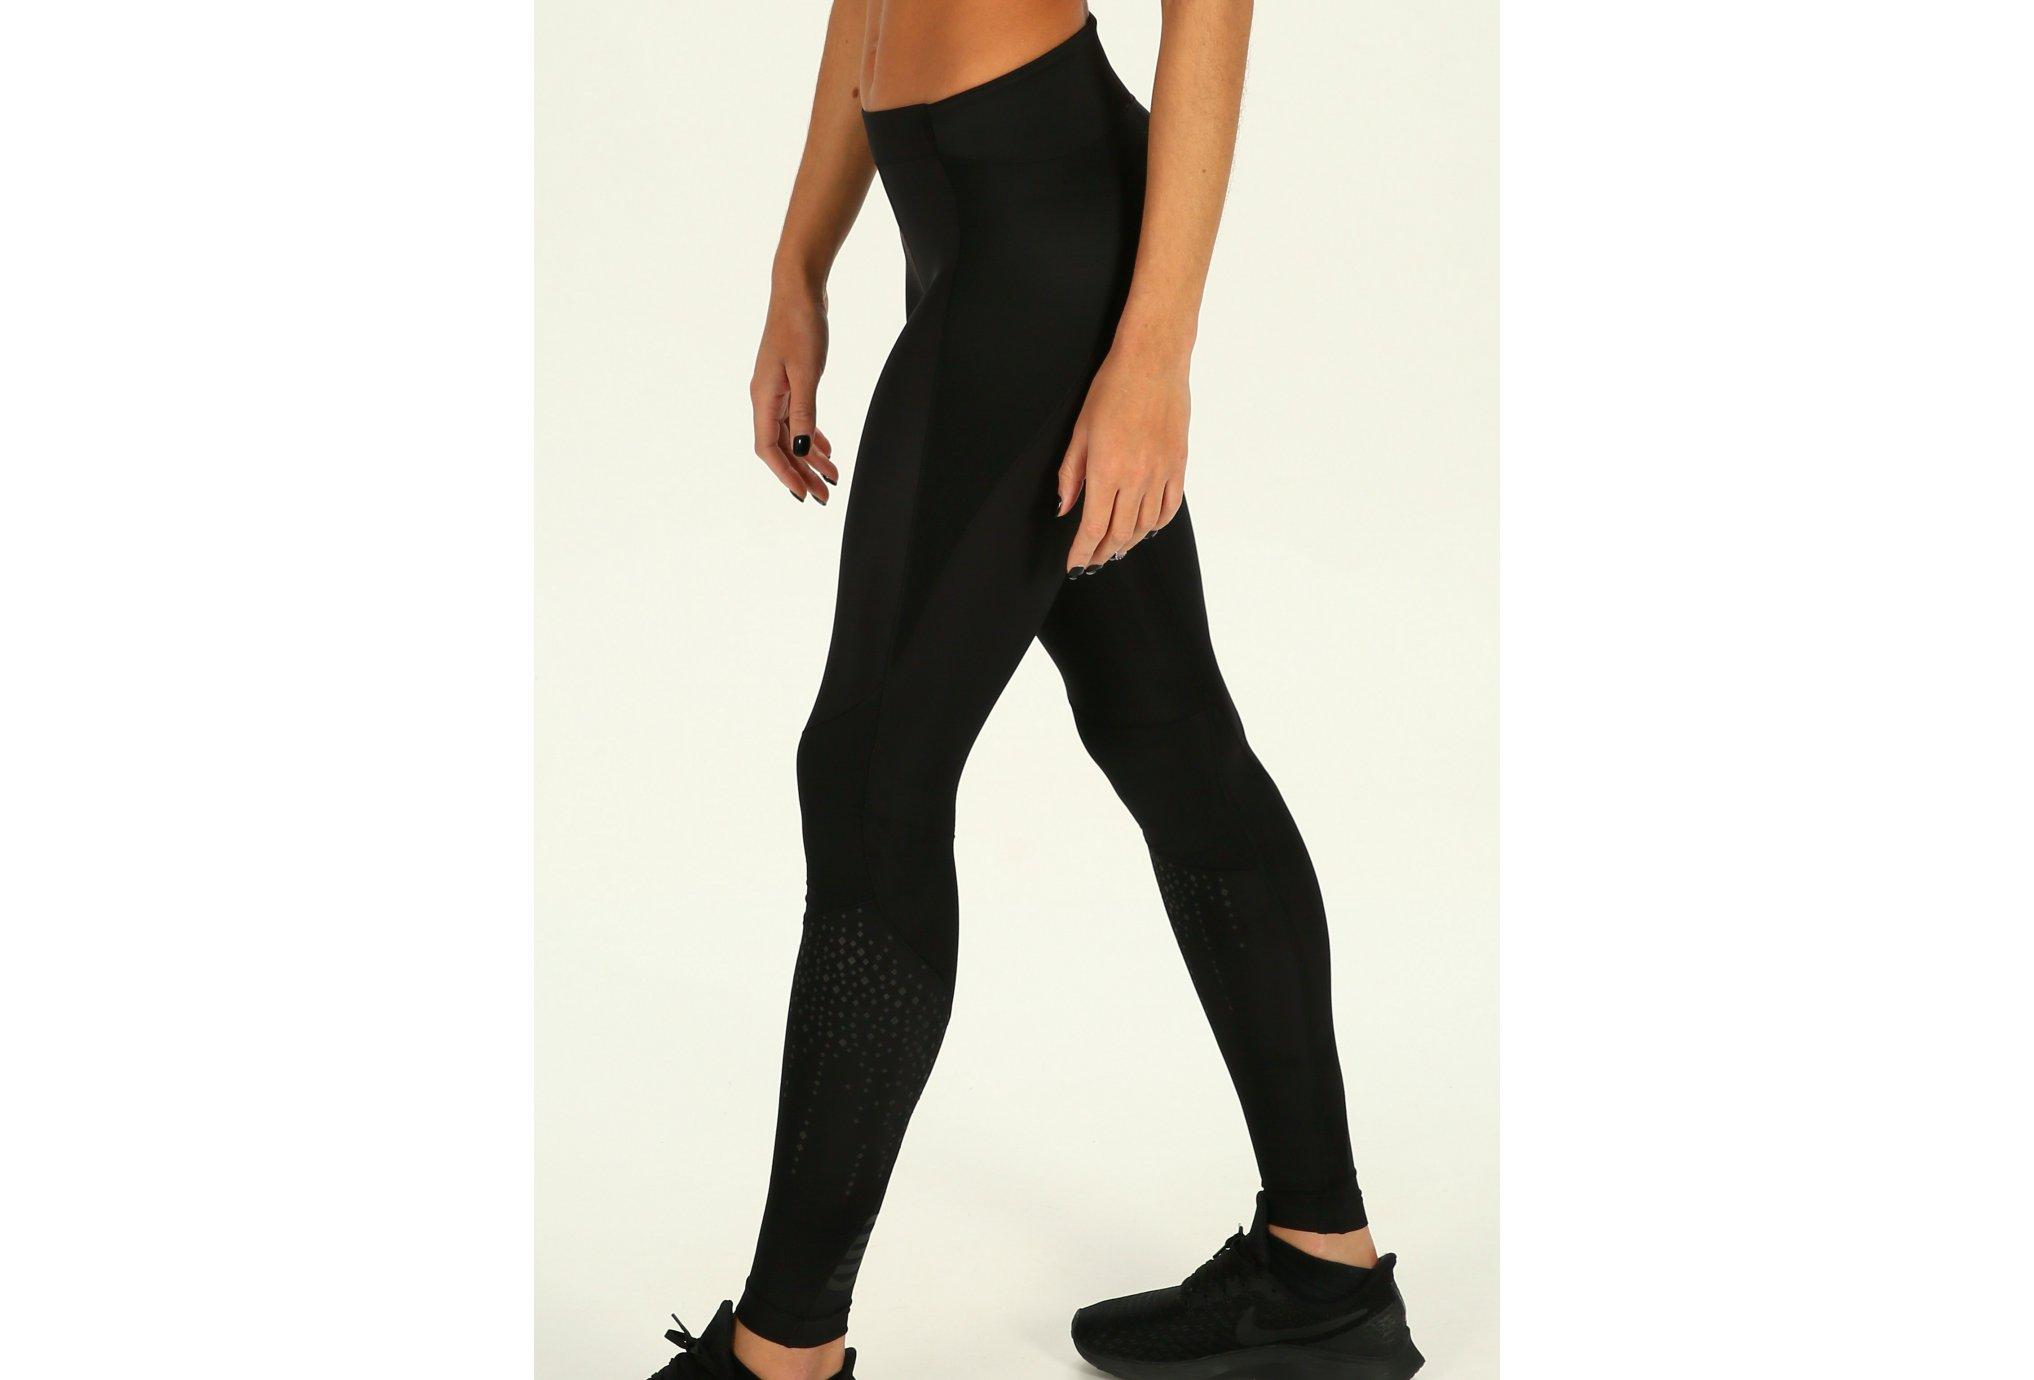 Skins Active 400 Starlight W Diététique Vêtements femme